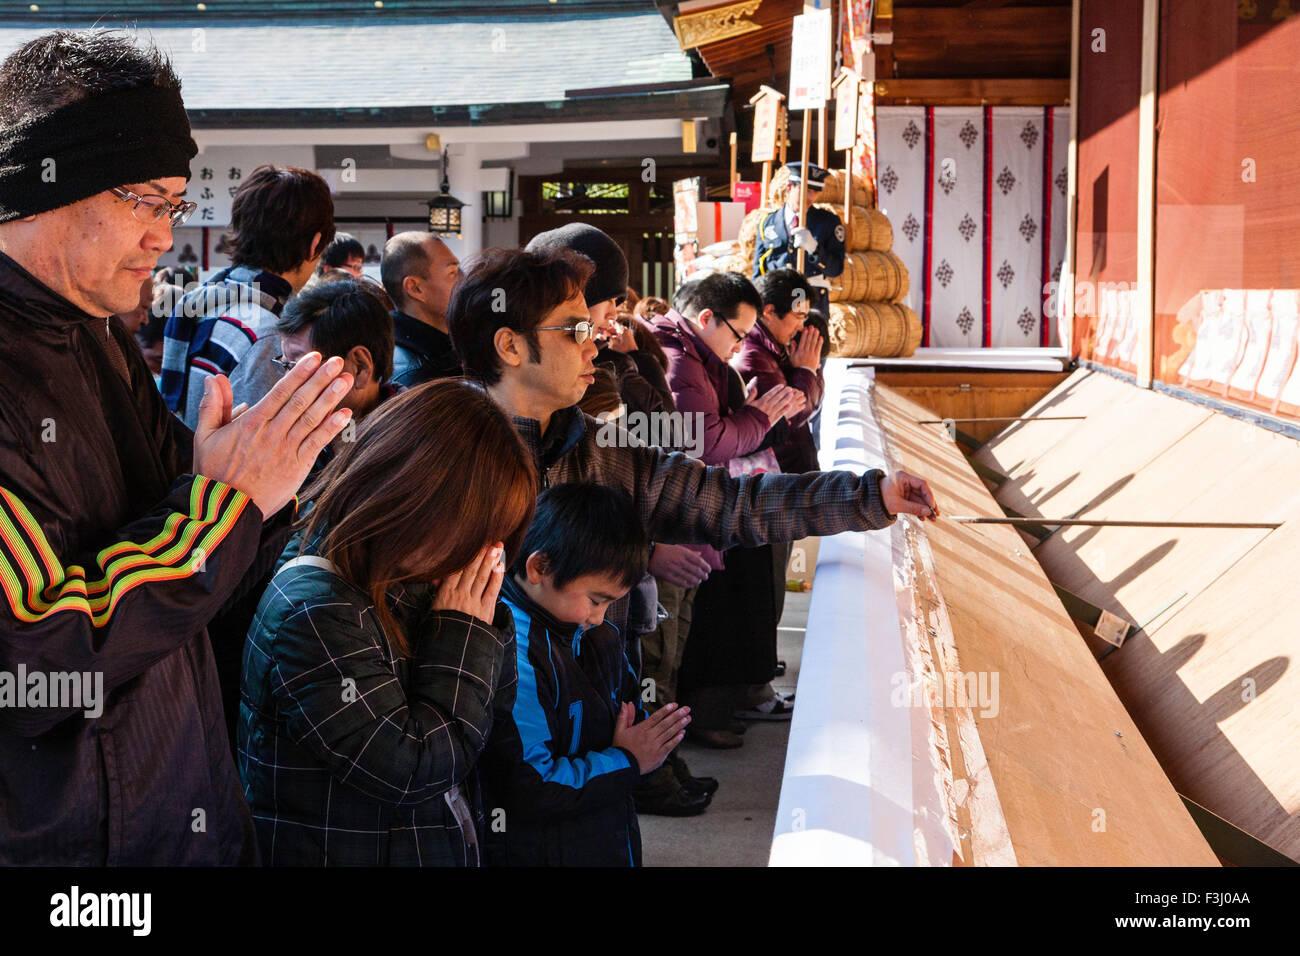 Izanagi e Izanami, los Adán y Eva japoneses Japon-nishinomiya-santuario-sintoista-personas-que-rezan-en-el-hatsumode-haiden-durante-en-ano-nuevo-shogatsu-f3j0aa